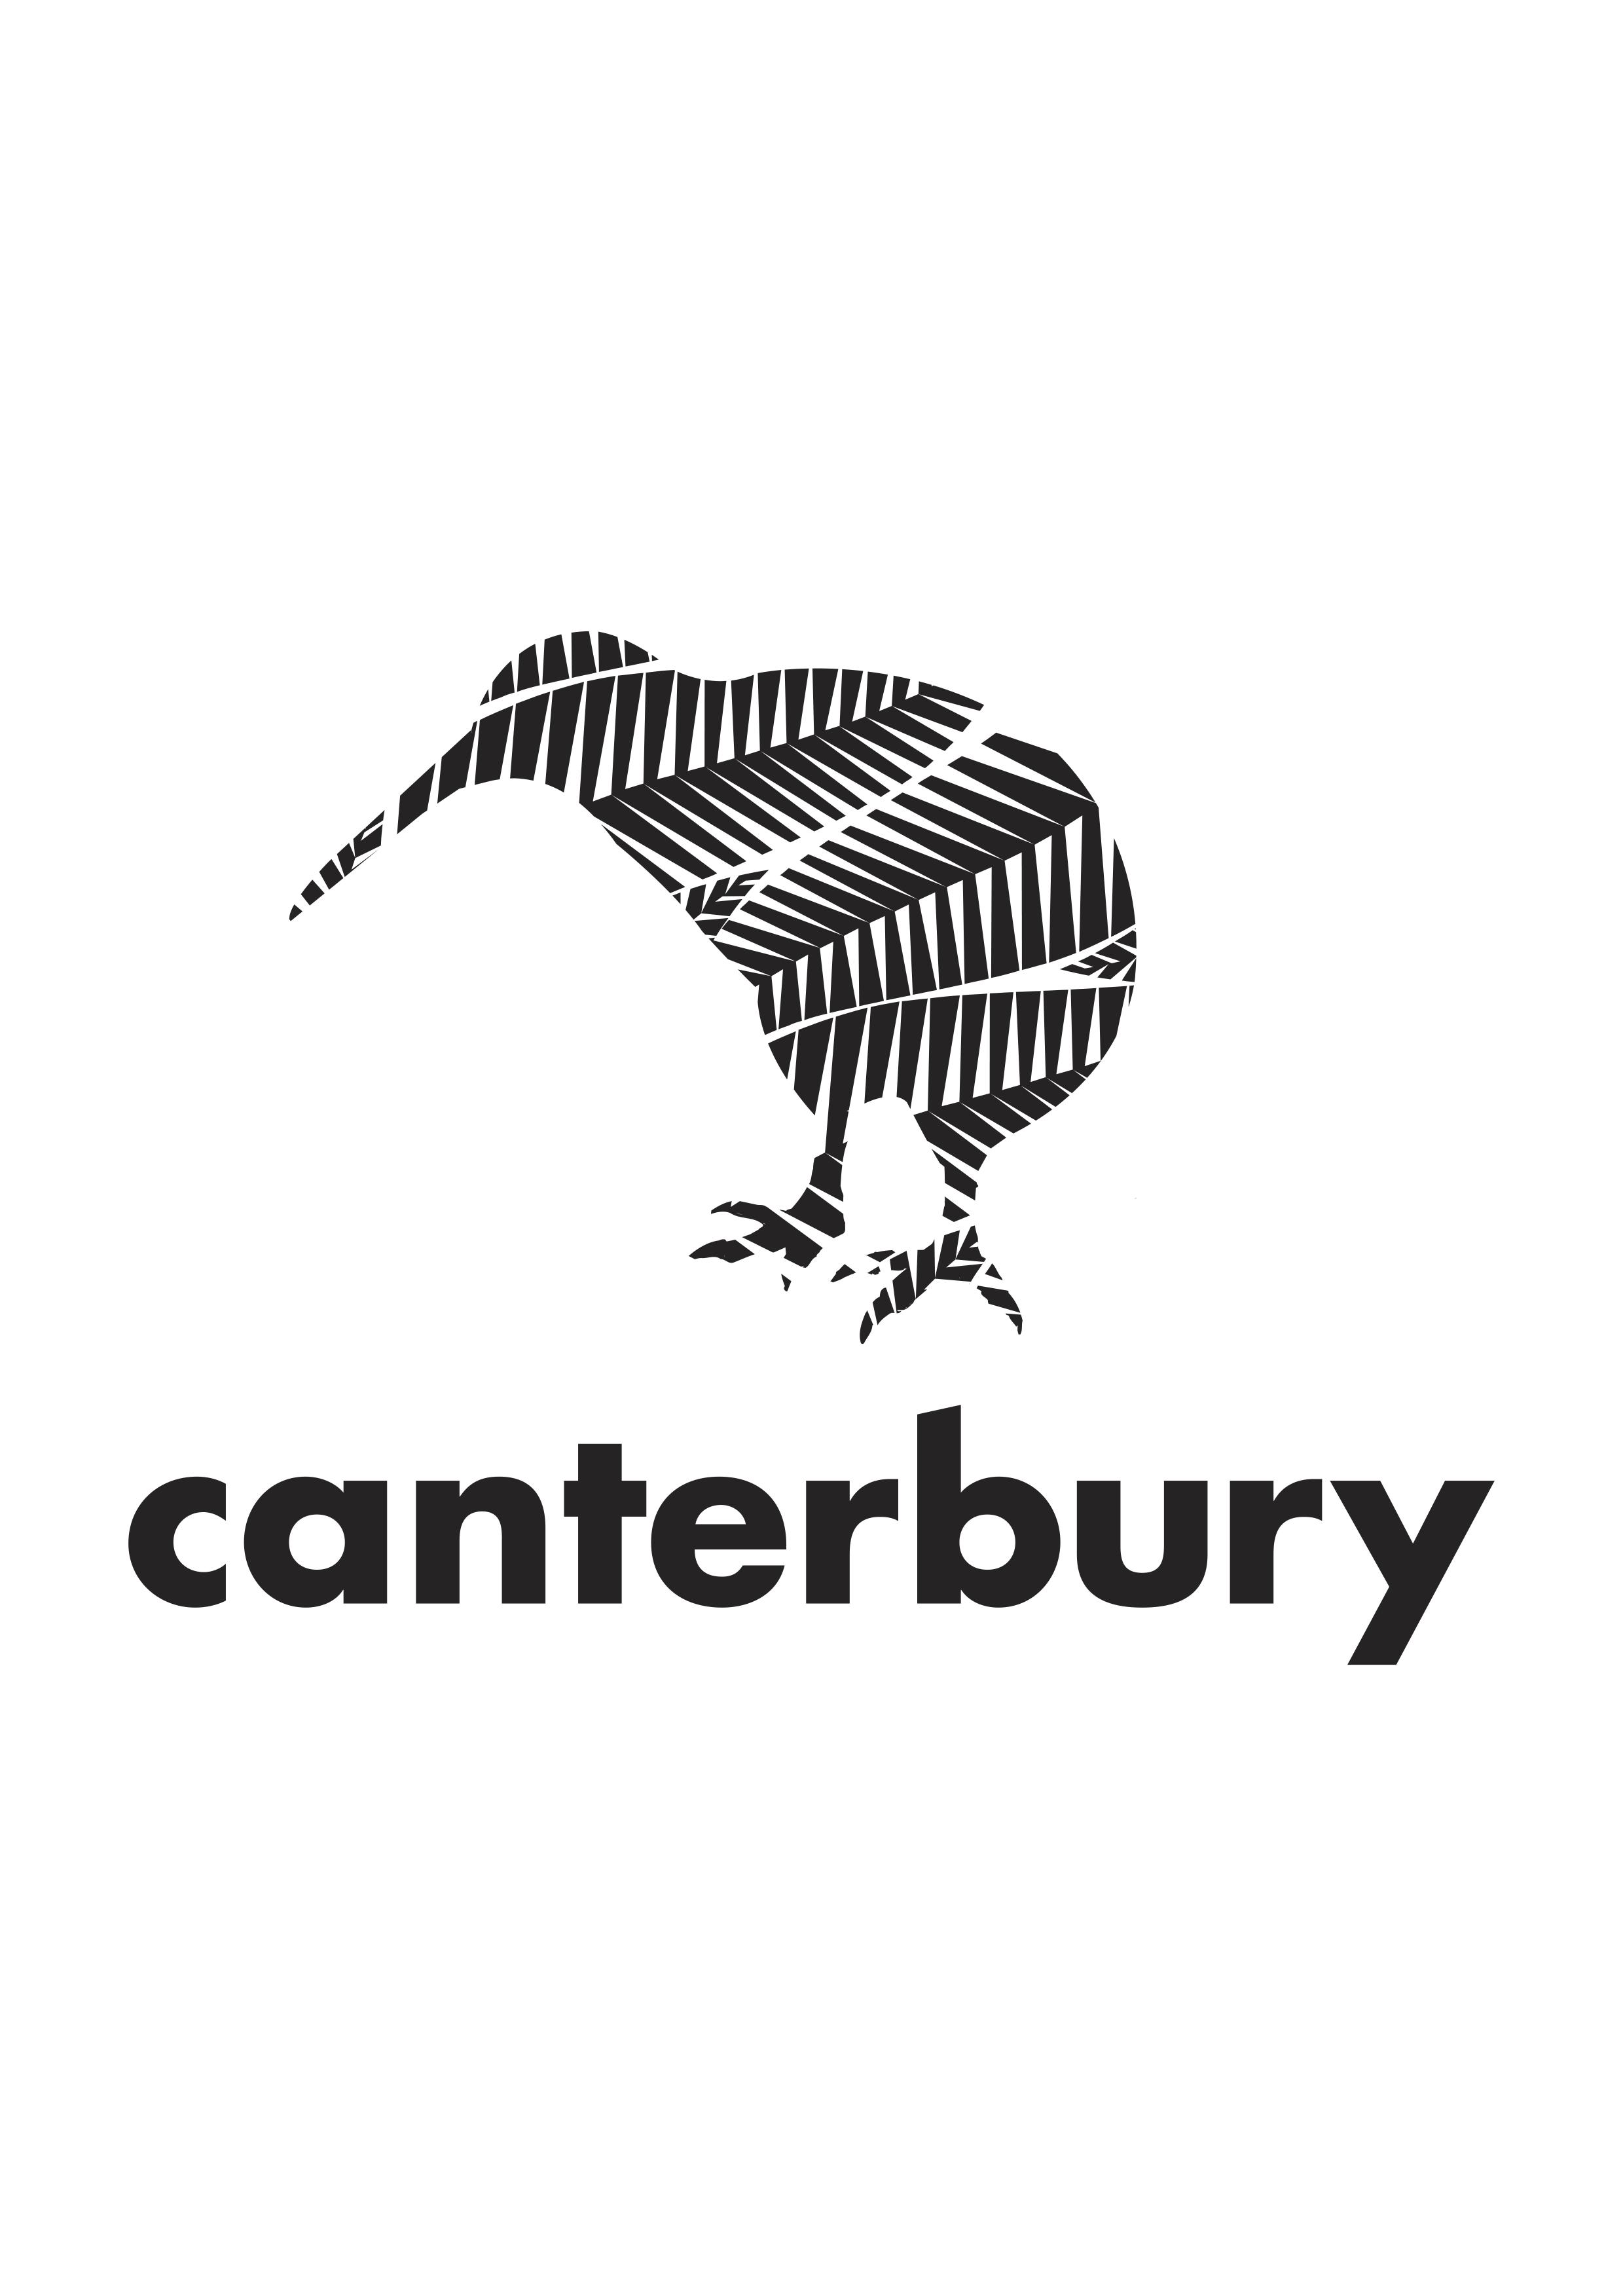 kiwi canterbury